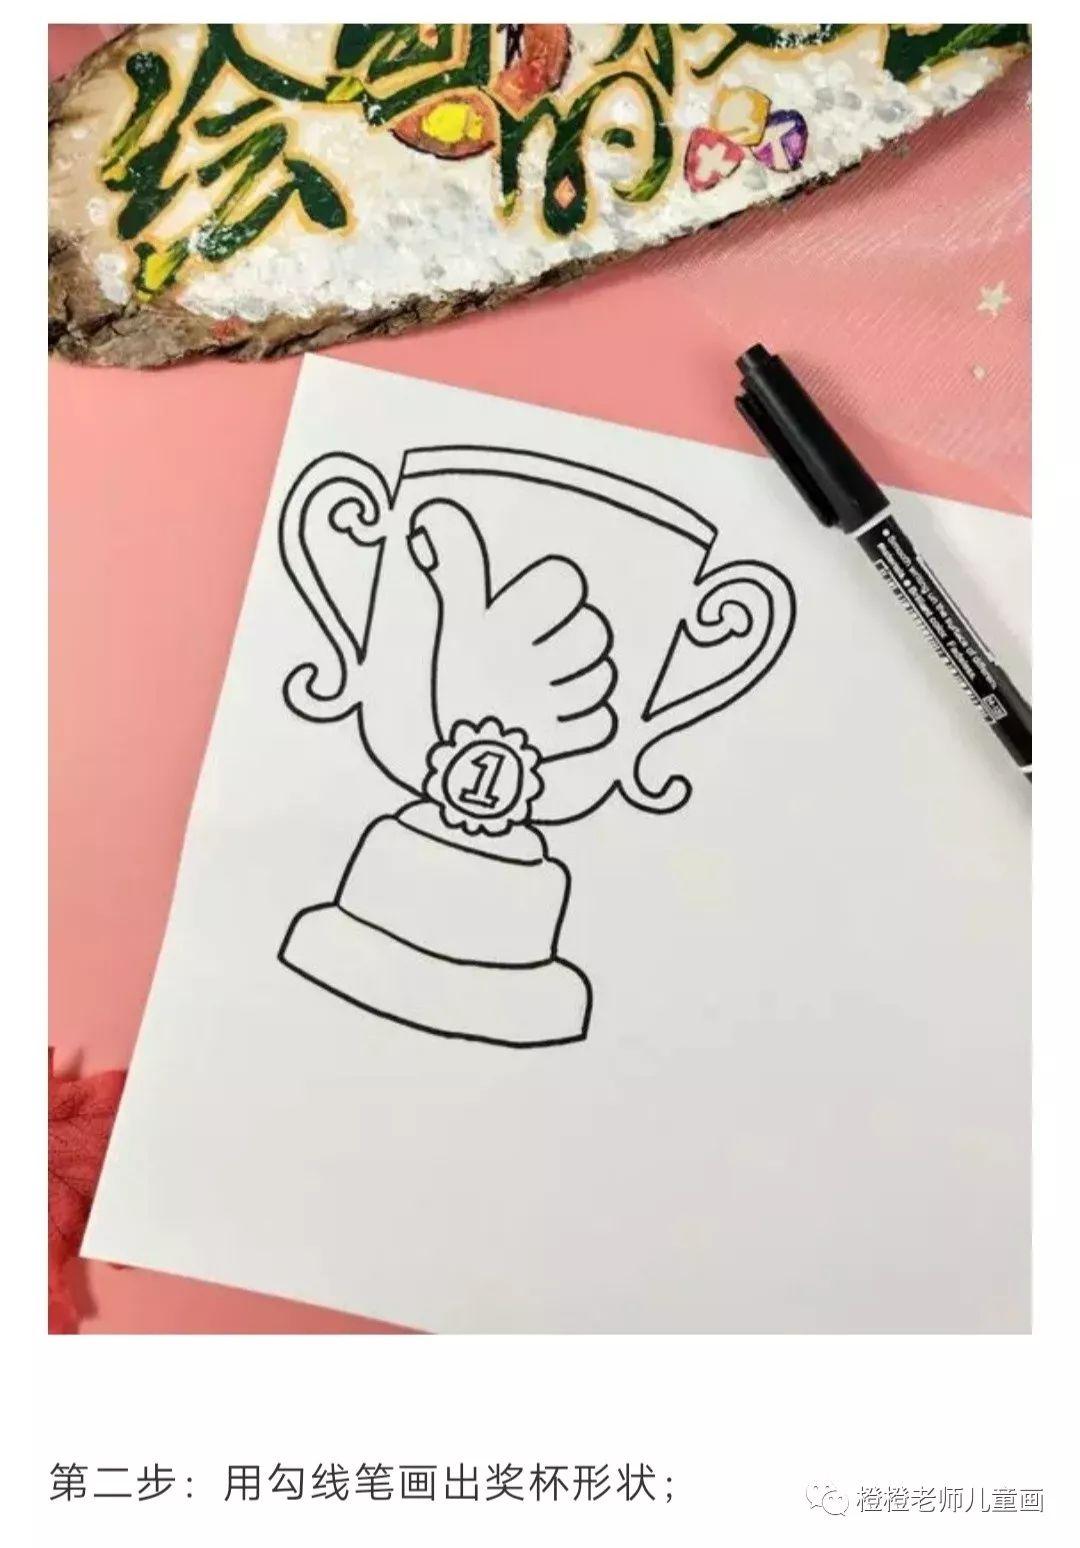 手工 | 這個父親節將這個超酷的獎杯送給爸爸吧~